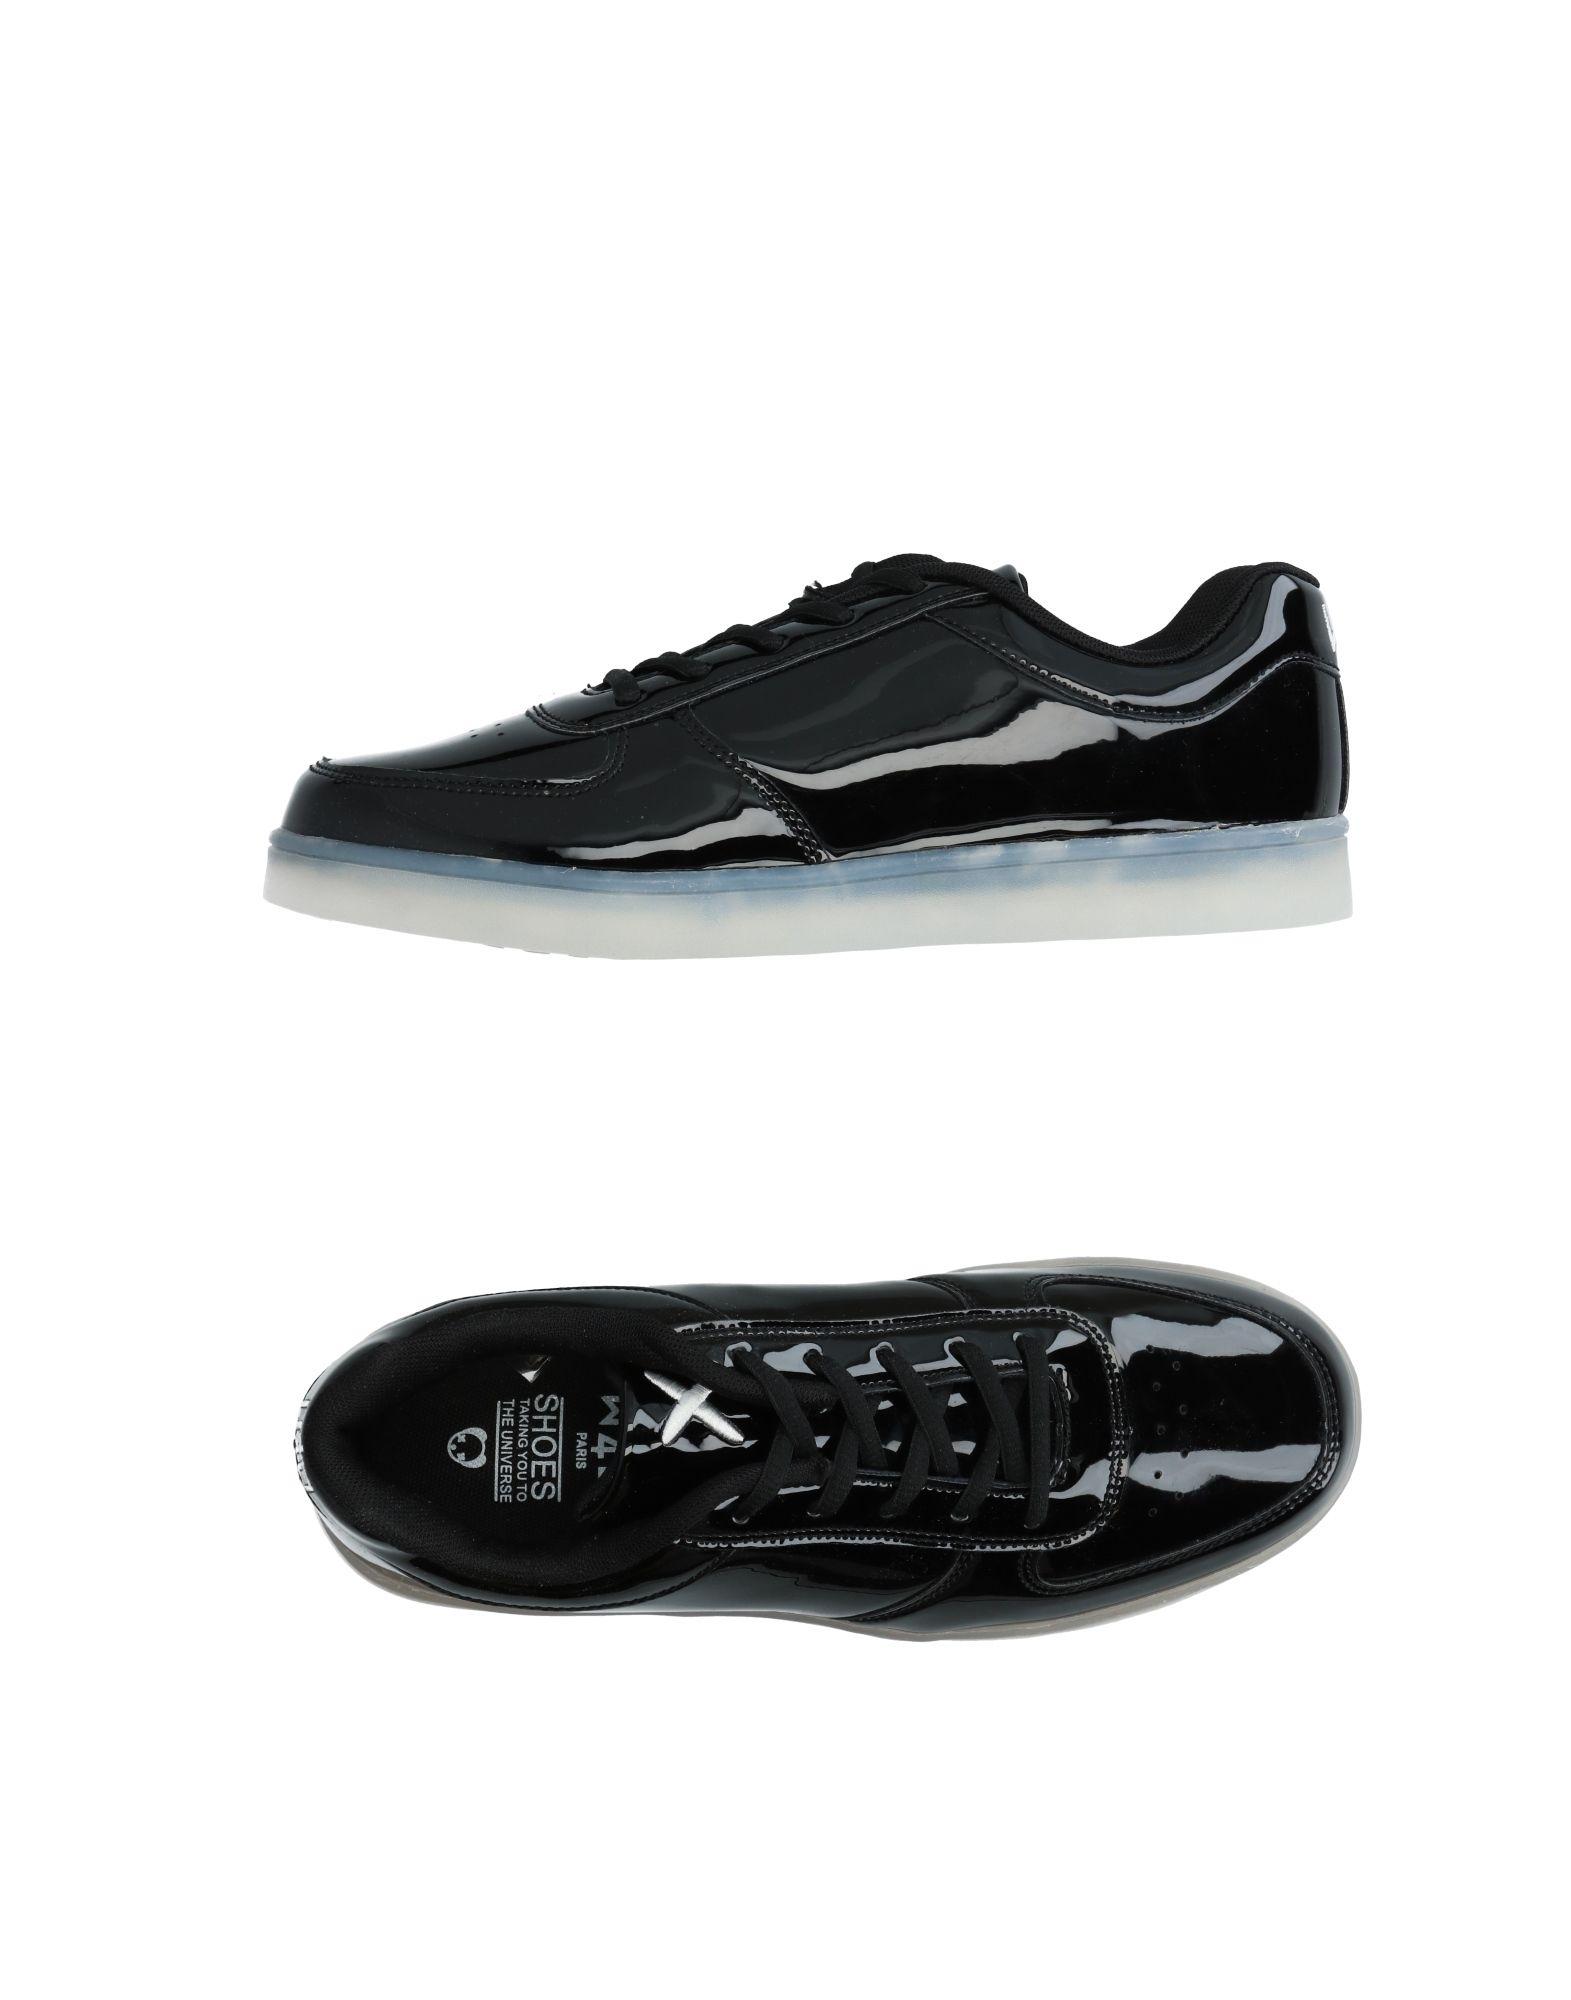 《送料無料》WIZE & OPE メンズ スニーカー&テニスシューズ(ローカット) ブラック 5.5 紡績繊維